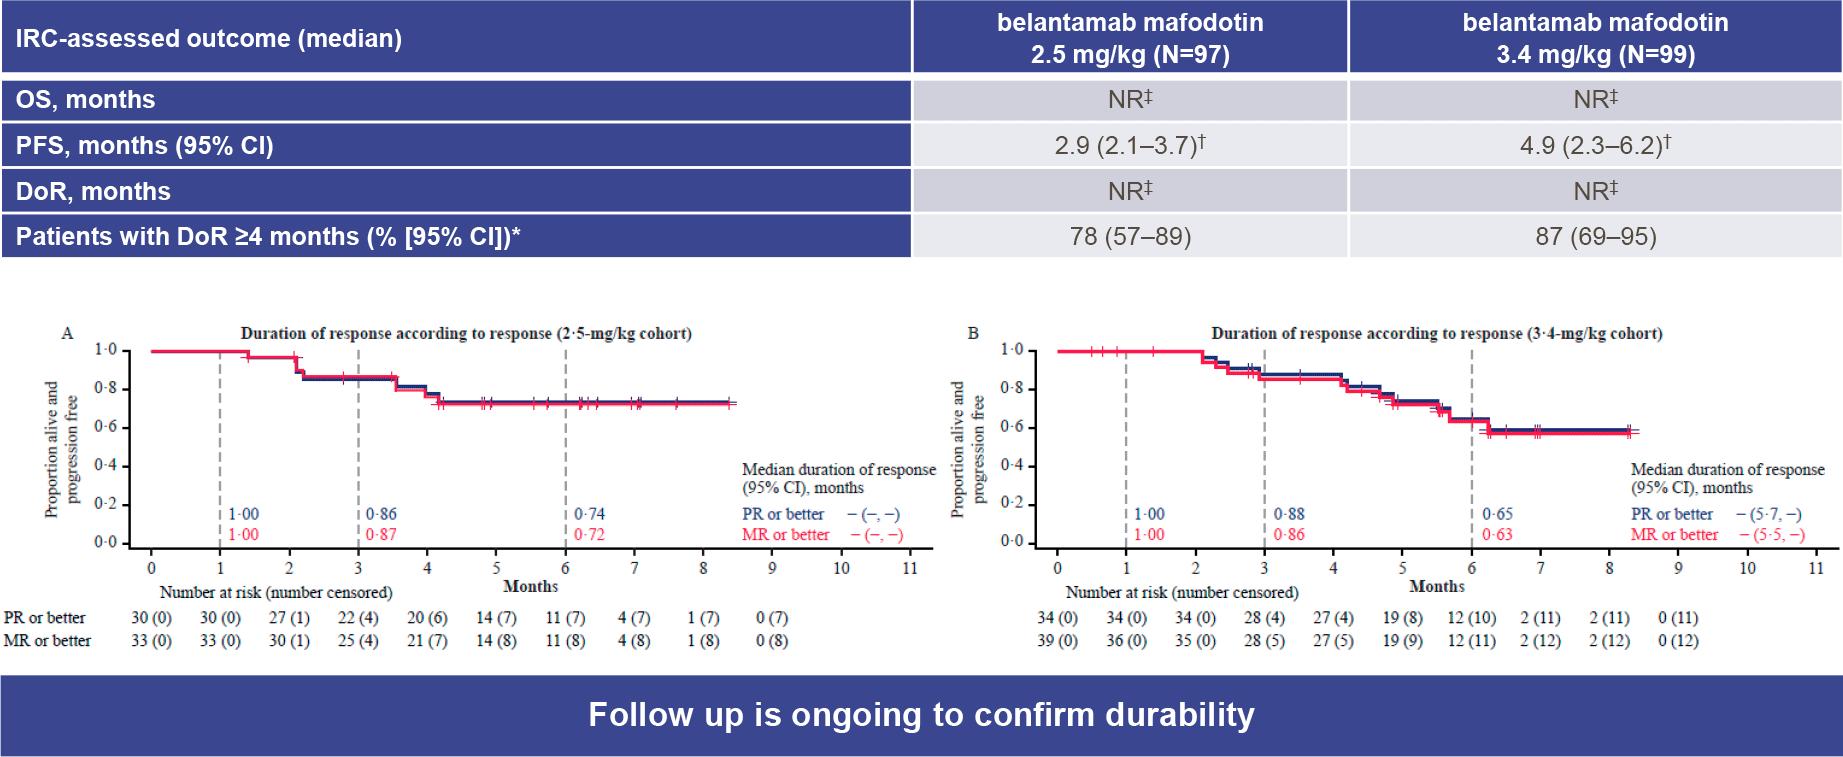 belantamab mafodotin nct03525678 results 02 - Белантамаб мафодотин для лечения множественной миеломы